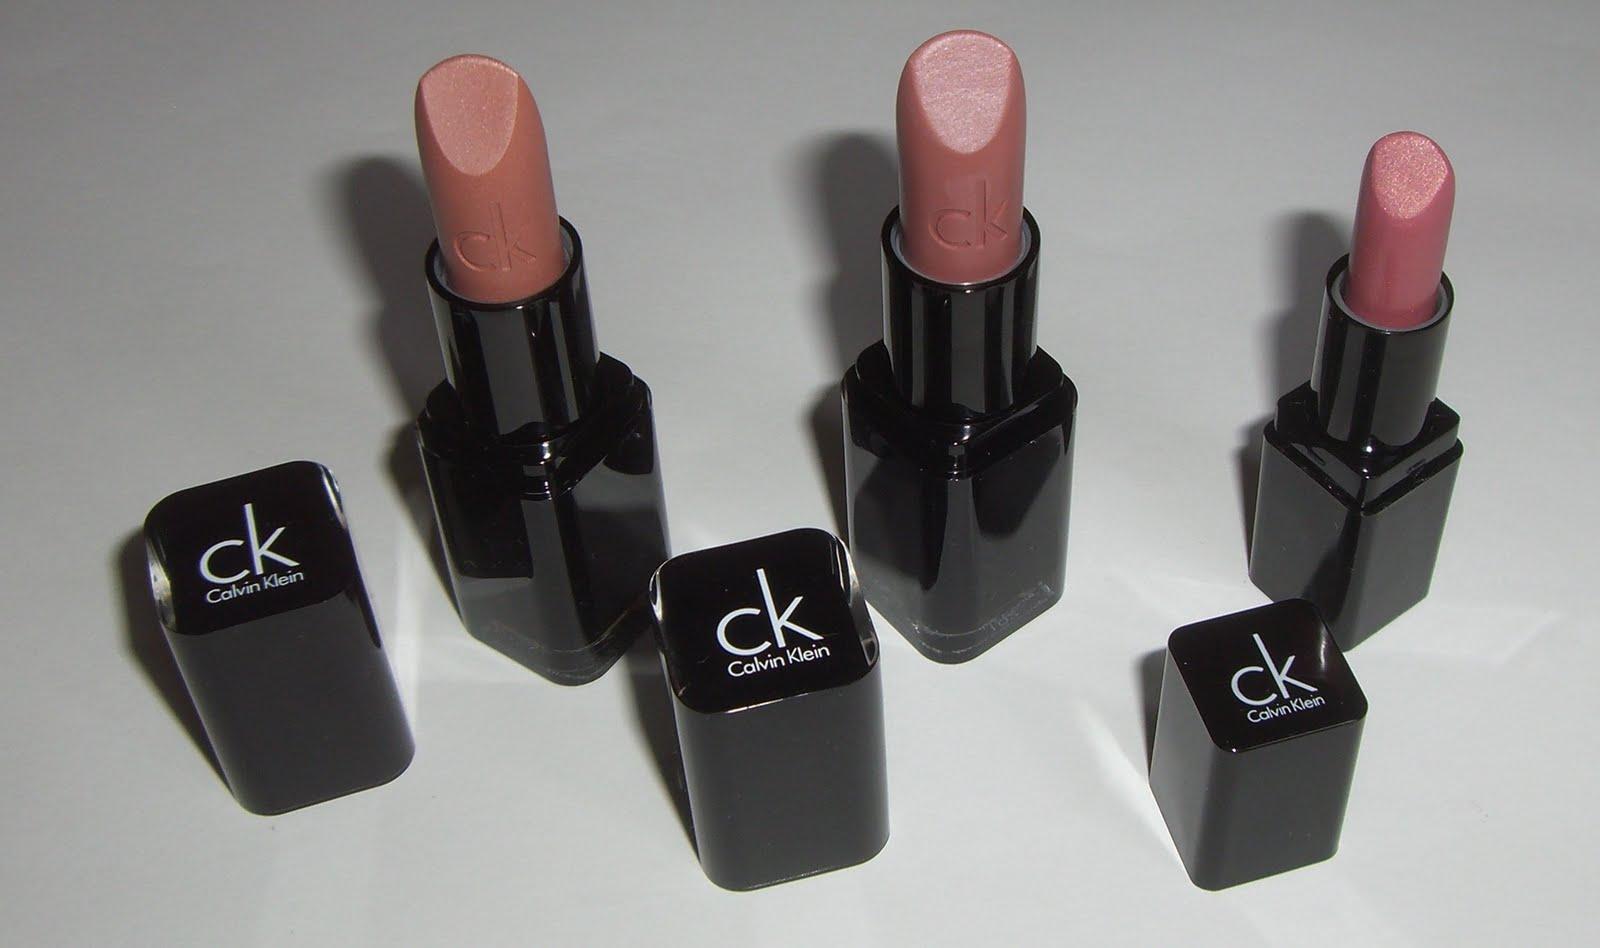 Storbritannien riktigt bekvämt Storbritannien butik Schni's Beauty Blog: Calvin Klein: Lipstick